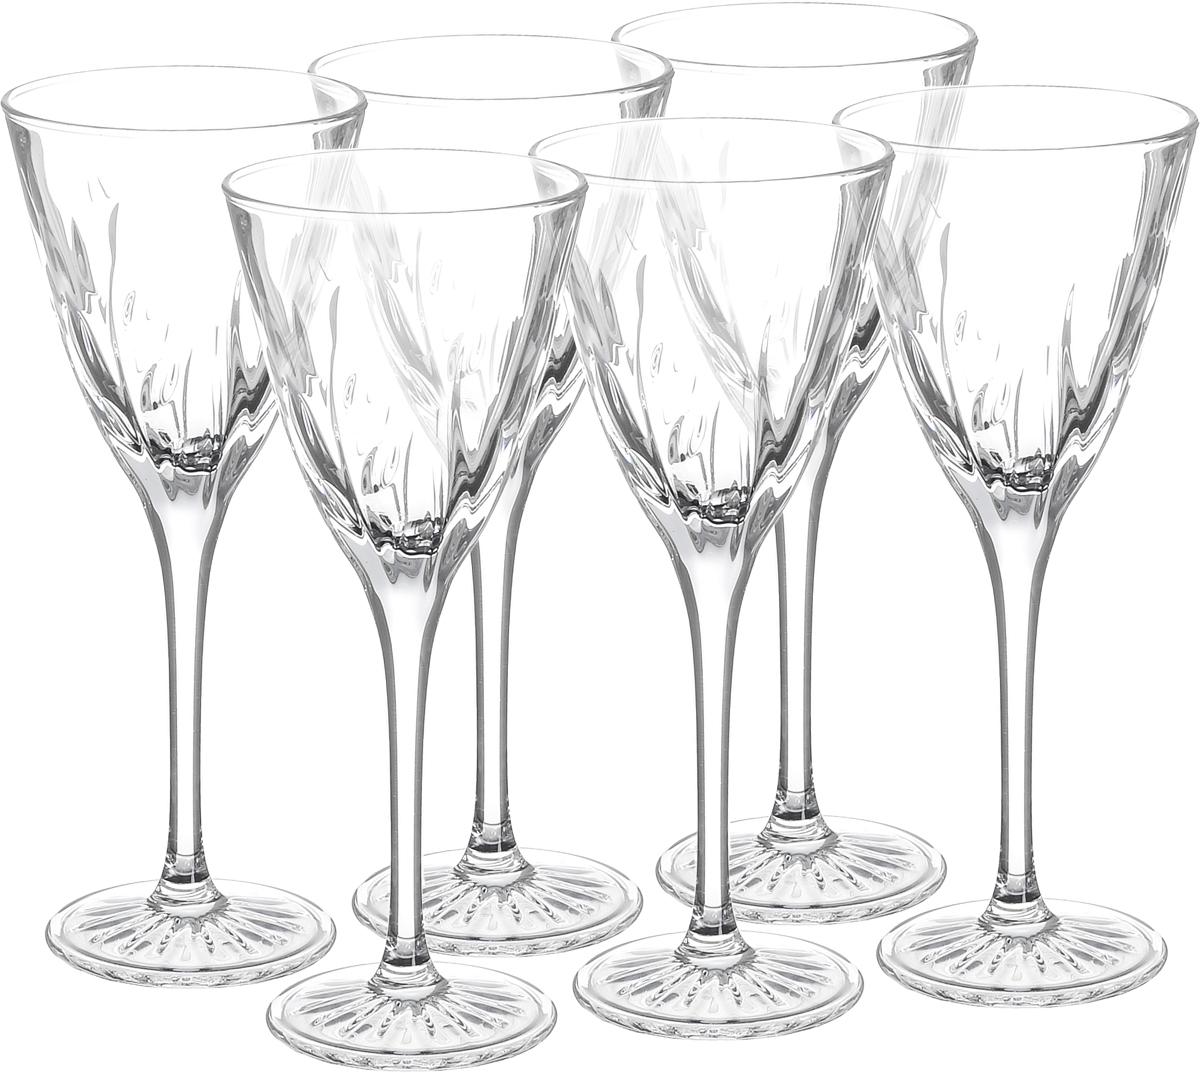 Набор рюмок Cristal dArques Cassandra, 60 мл, 6 штG5637Набор Cristal dArques Cassandra состоит из 6 рюмок, изготовленных из прочного стекла. Изделия, предназначенные для подачи ликера и других спиртных напитков, несомненно придутся вам по душе. Рюмки сочетают в себе элегантный дизайн и функциональность. Набор рюмок Cristal dArques Cassandra идеально подойдет для сервировки стола и станет отличным подарком к любому празднику.Диаметр (по верхнему краю): 5,5 см.Высота: 14 см.Диаметр основания: 4,7 см.